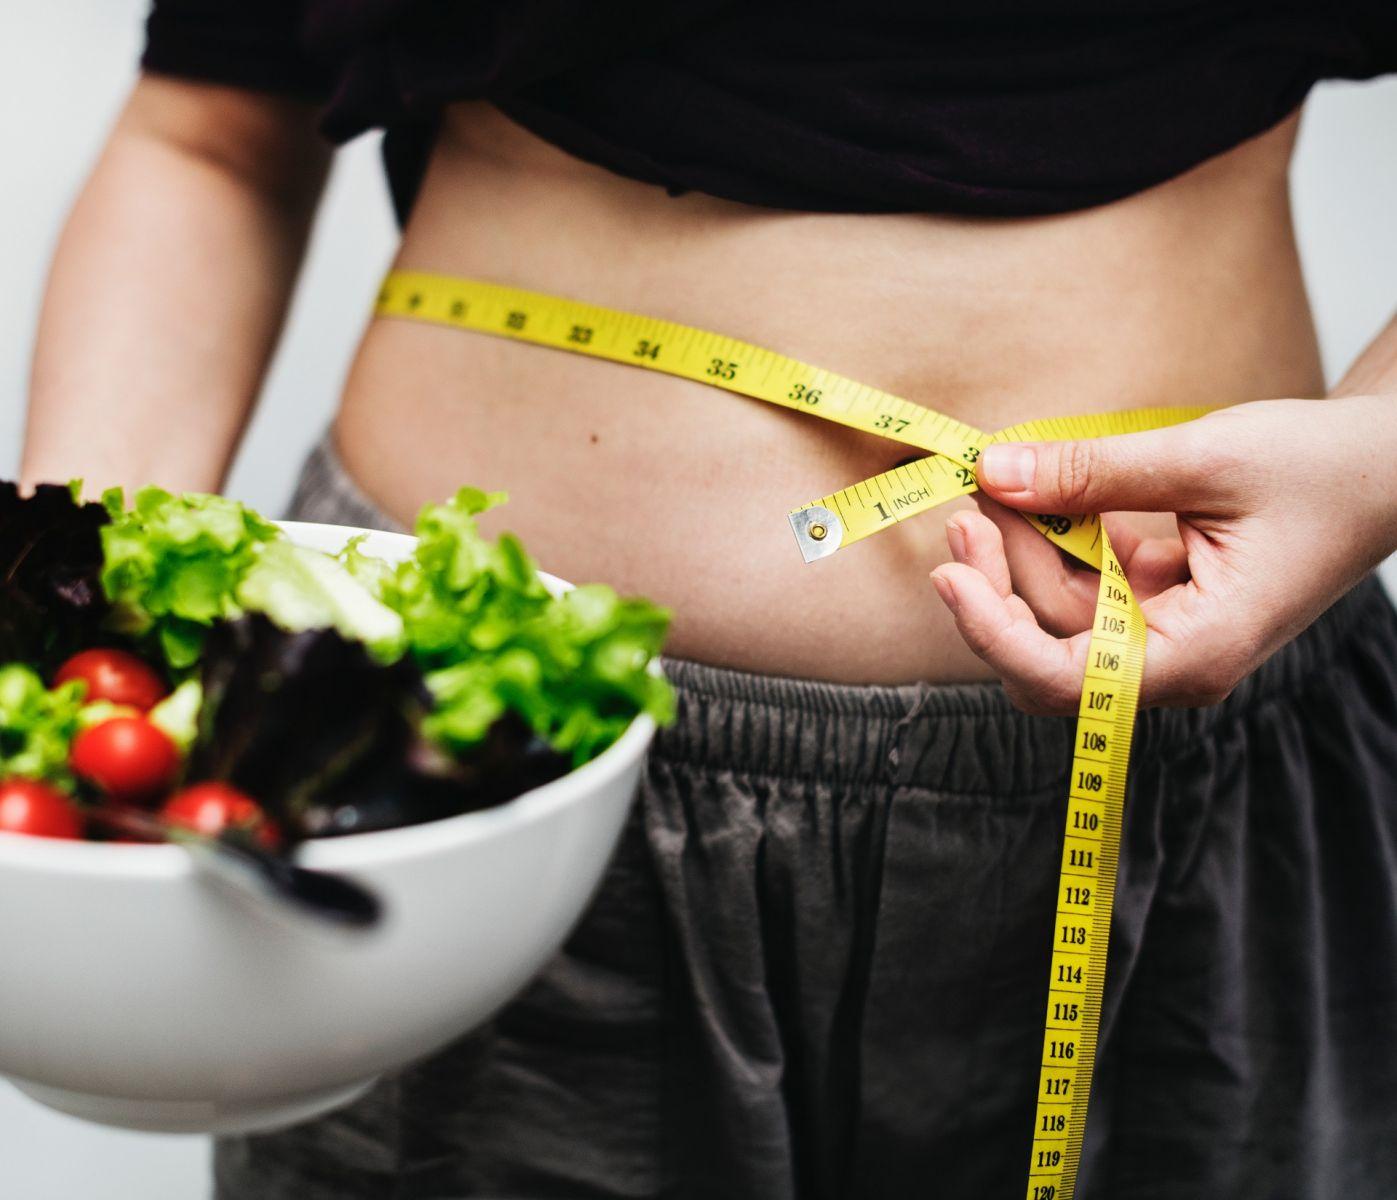 瘦身減脂、整腸通便,3分鐘摩腹按摩法